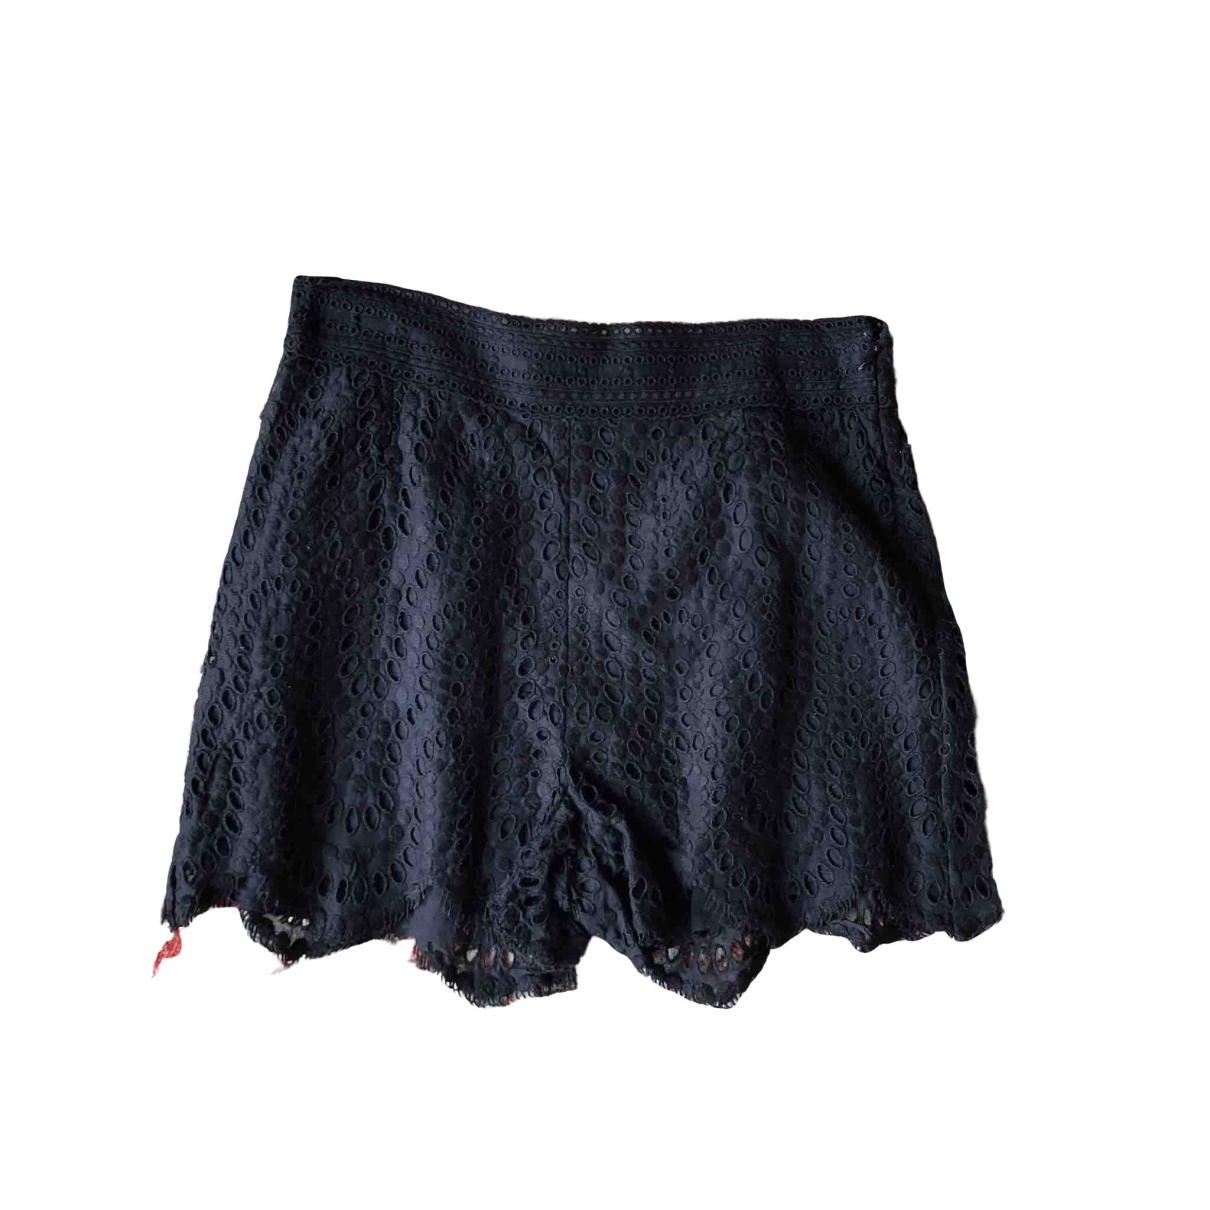 Valentino Garavani \N Shorts in  Schwarz Baumwolle